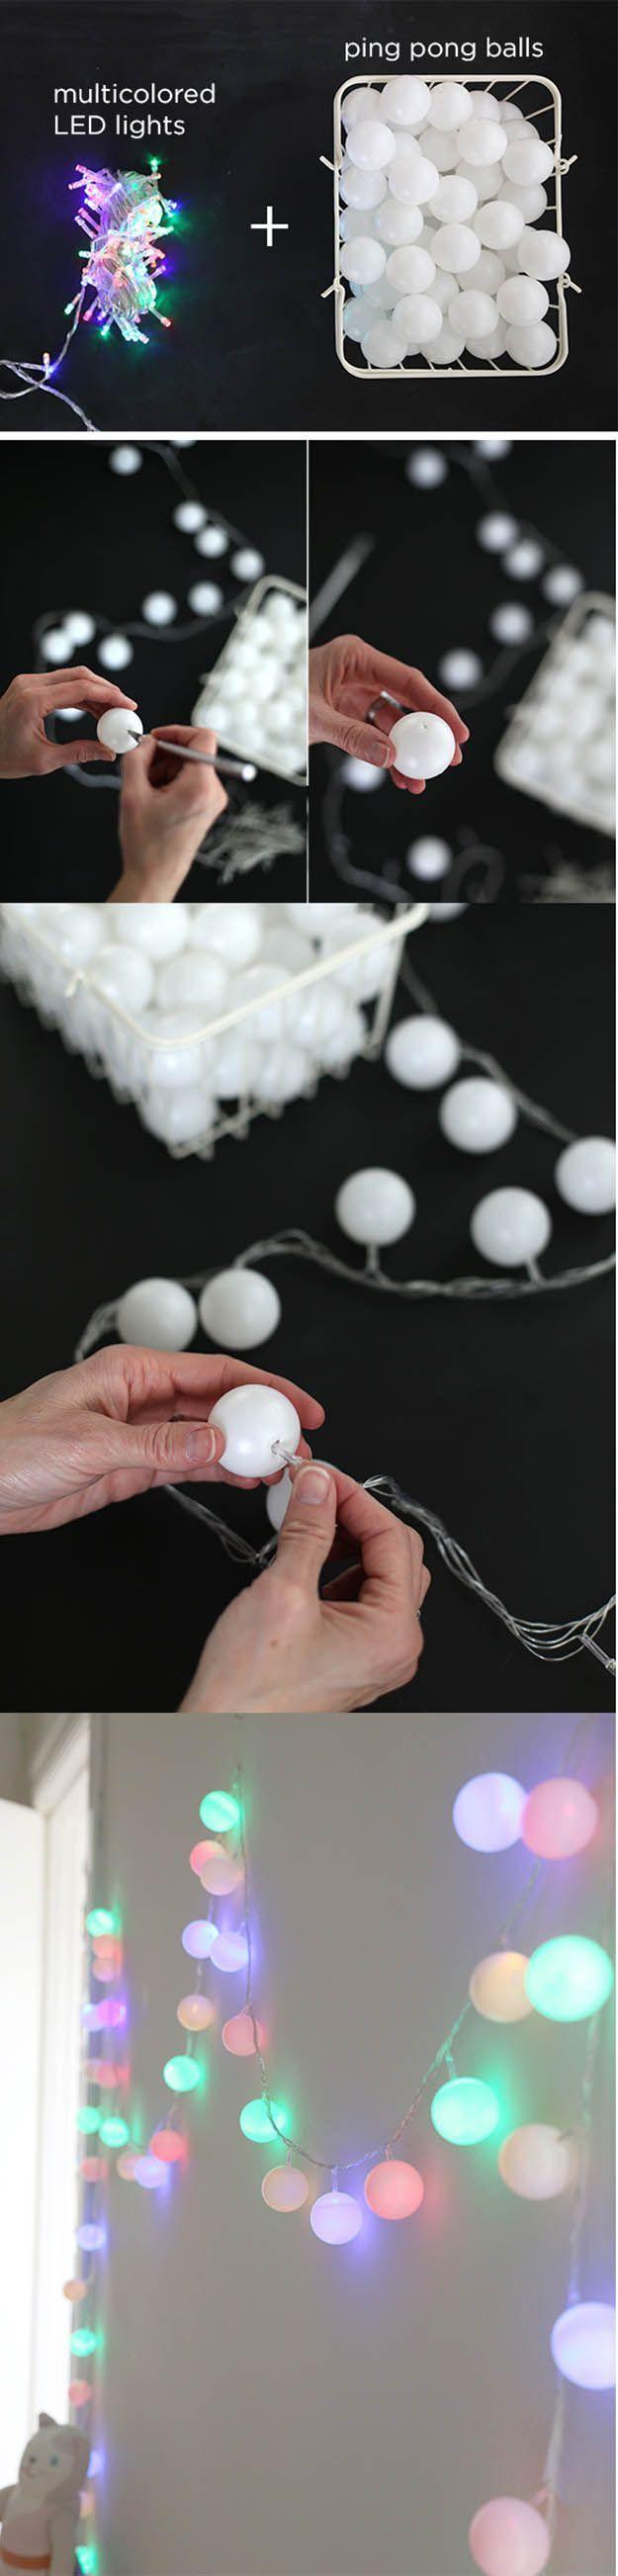 Ping Pong Ball Cafe Lights   Save on Crafts   31 Easy DIY Crafts   31 Clever DIY Crafts   diyready.com #artsandcraftsforteengirls,